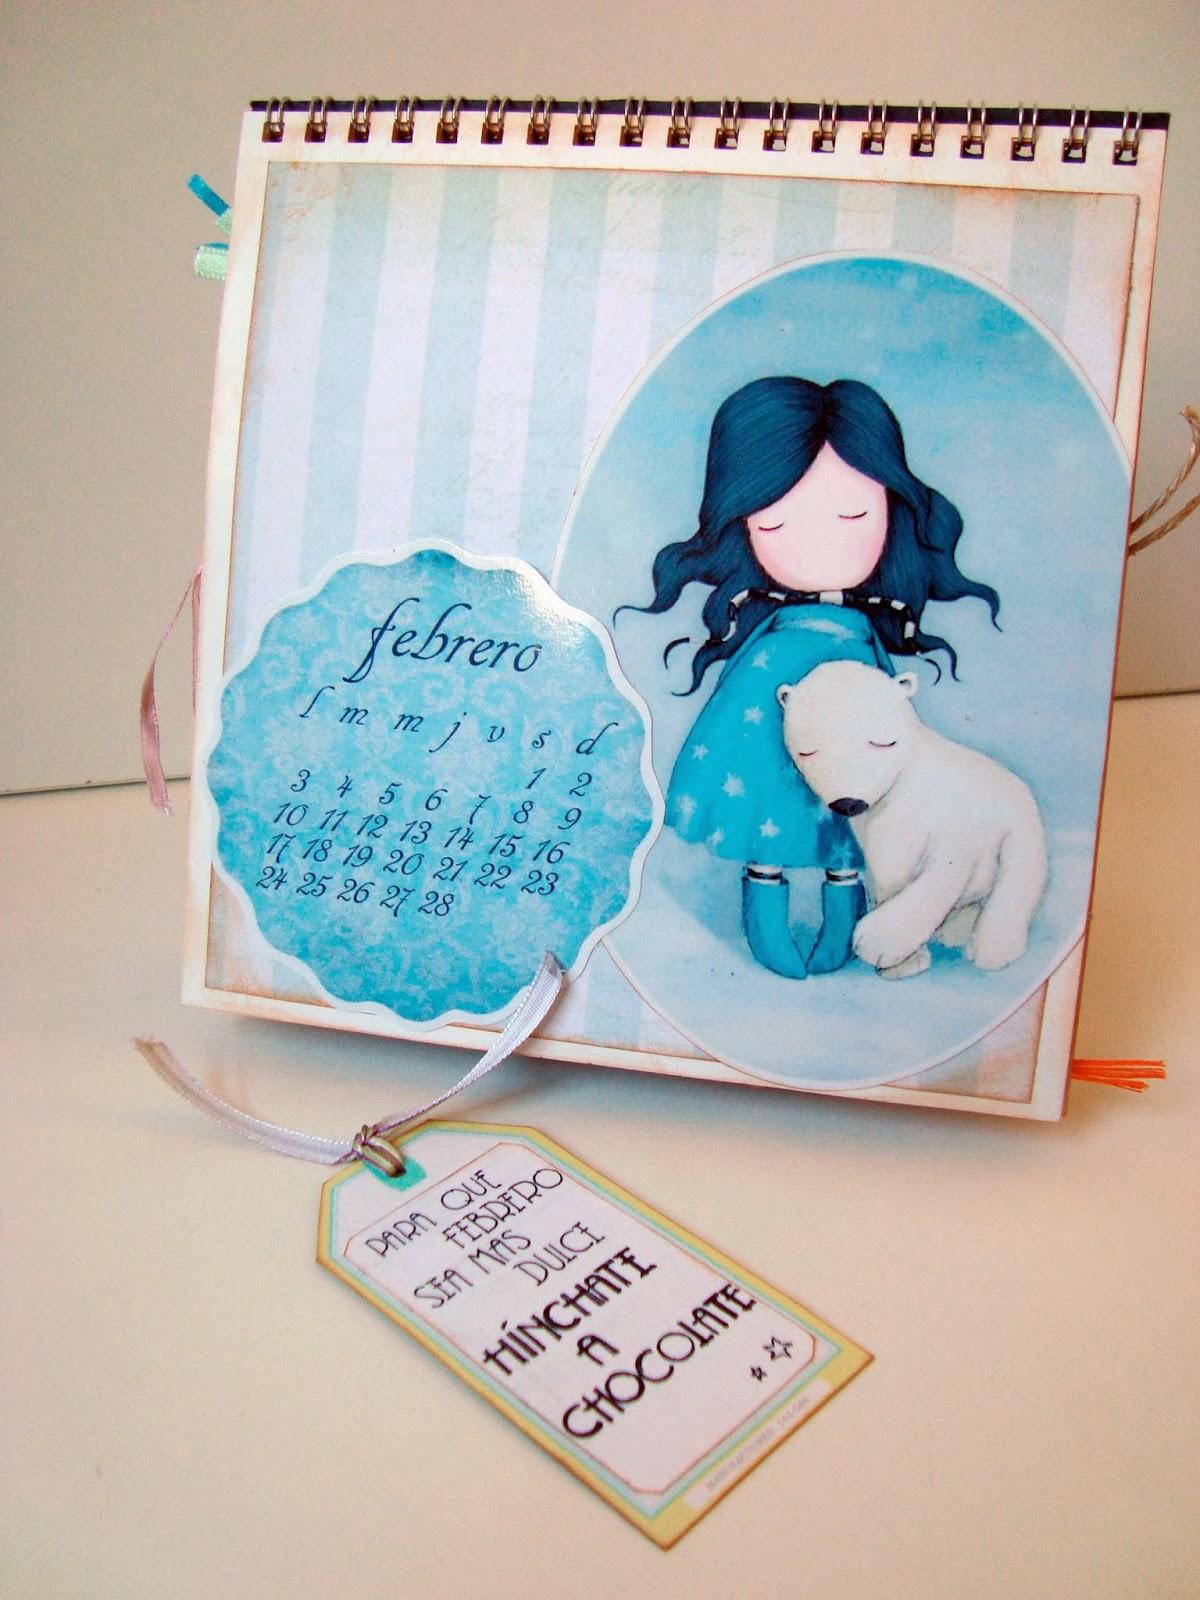 calendario_gorjuss_febrero2